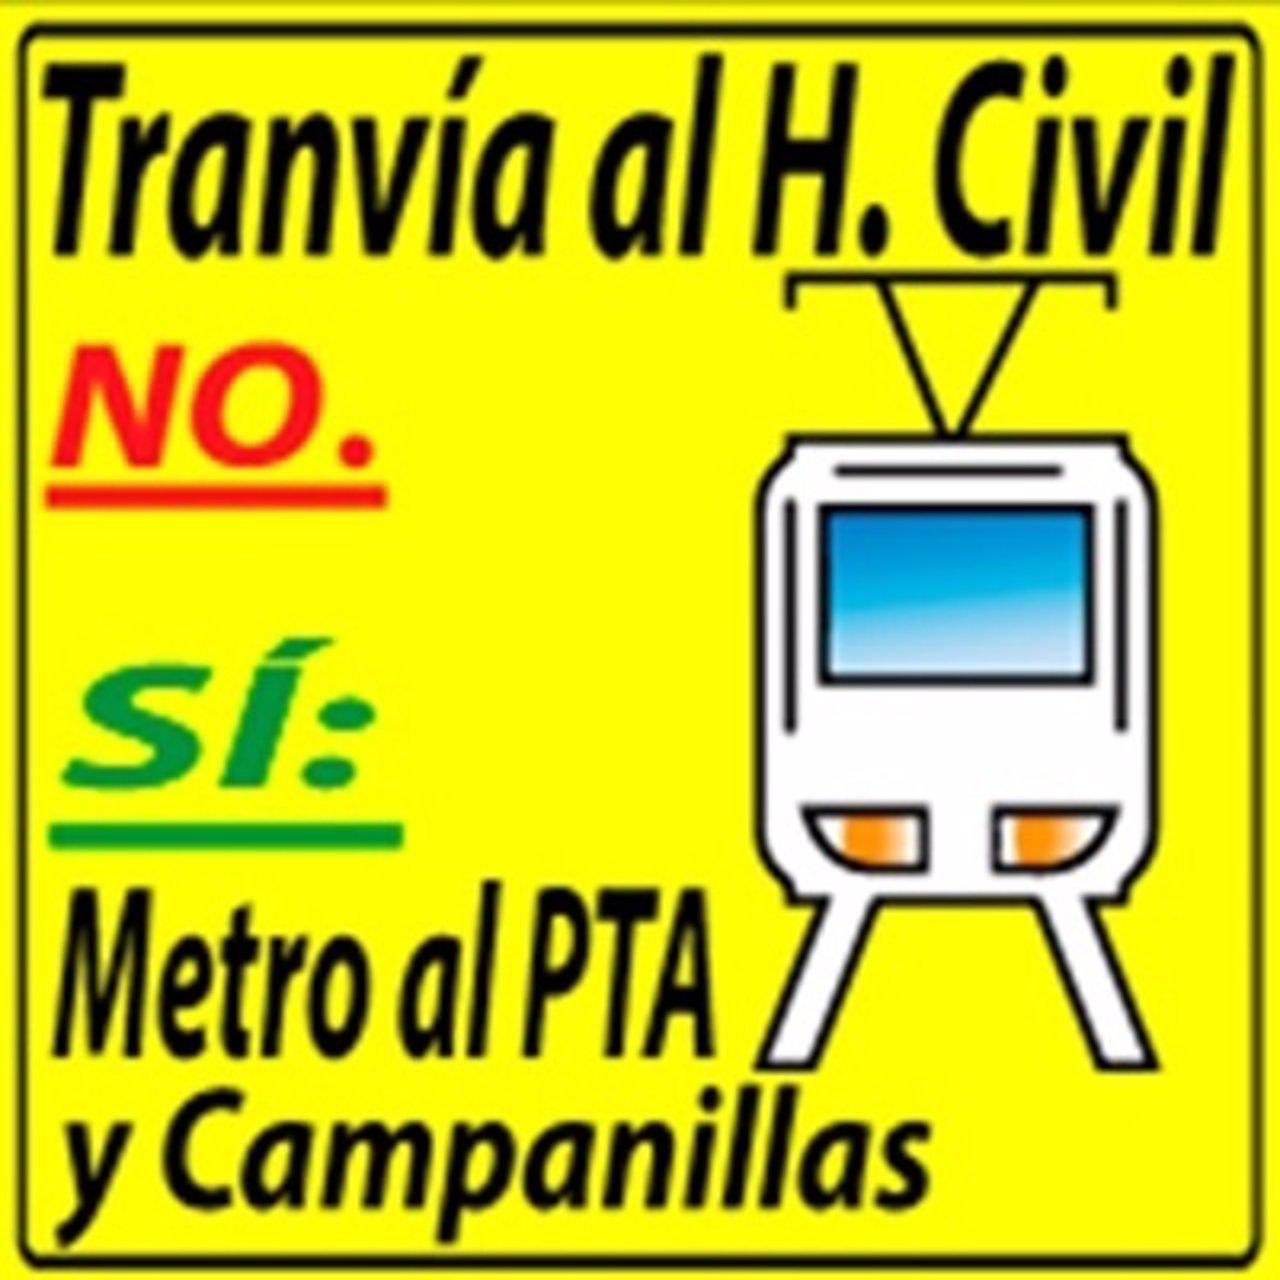 Logo plataforma contra el tranvía al Hospital Civil y a favor del metro al PTA